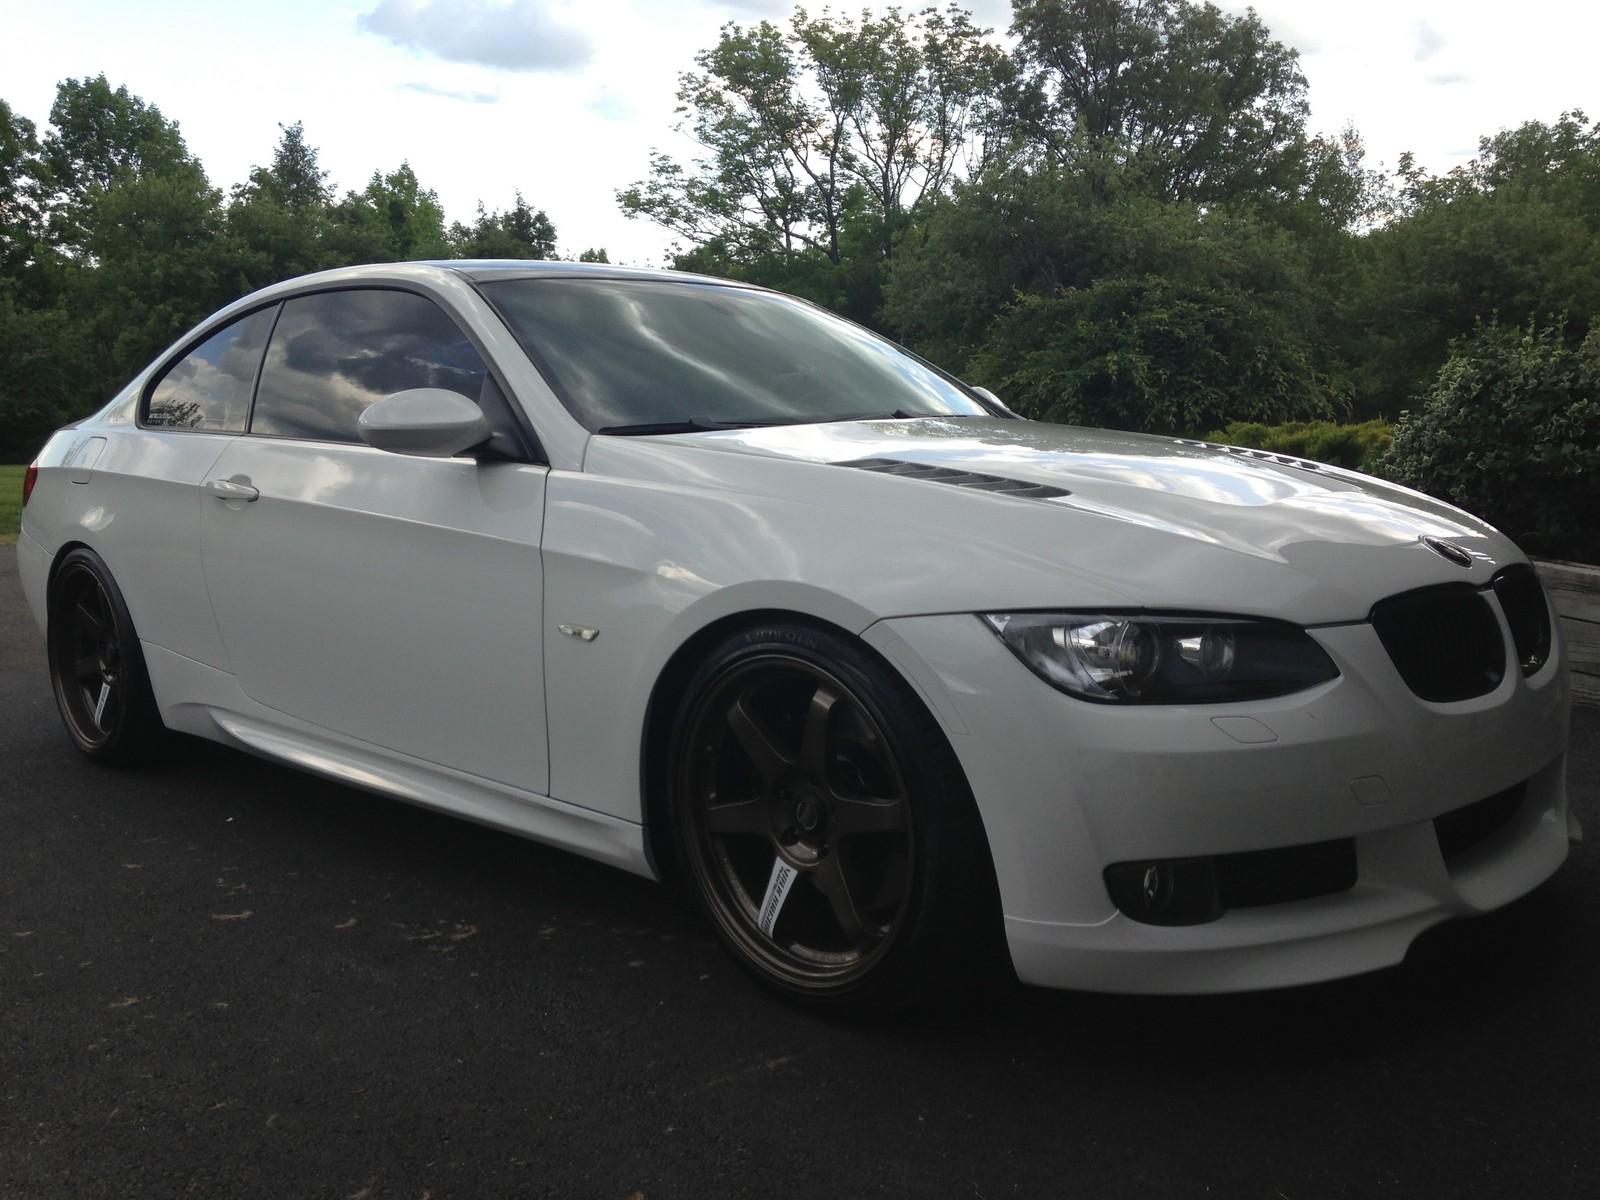 2008 BMW 335Xi >> 2008 BMW 335xi 1/4 mile trap speeds 0-60 - DragTimes.com